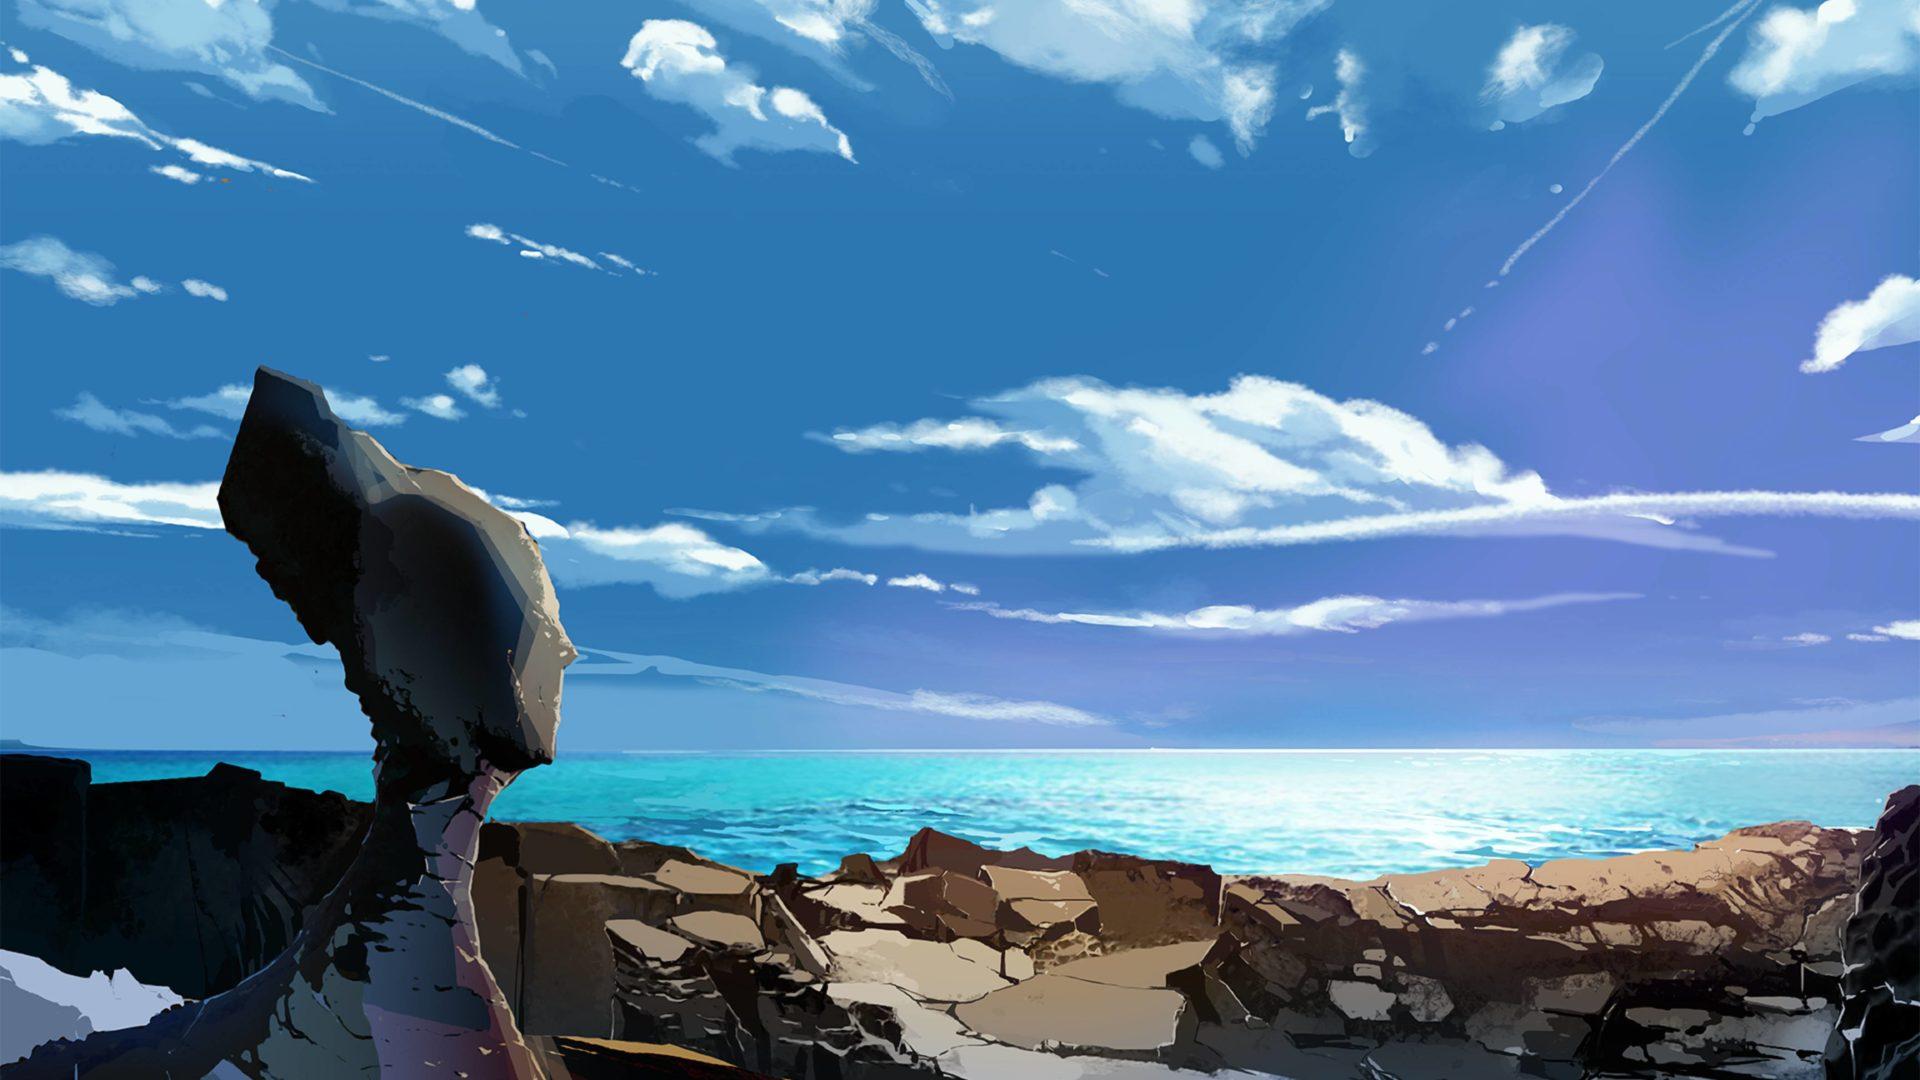 台灣首部科幻機器人動畫《重甲機神:神降臨》 歷經12年終登大銀幕 寶島美景完美重現